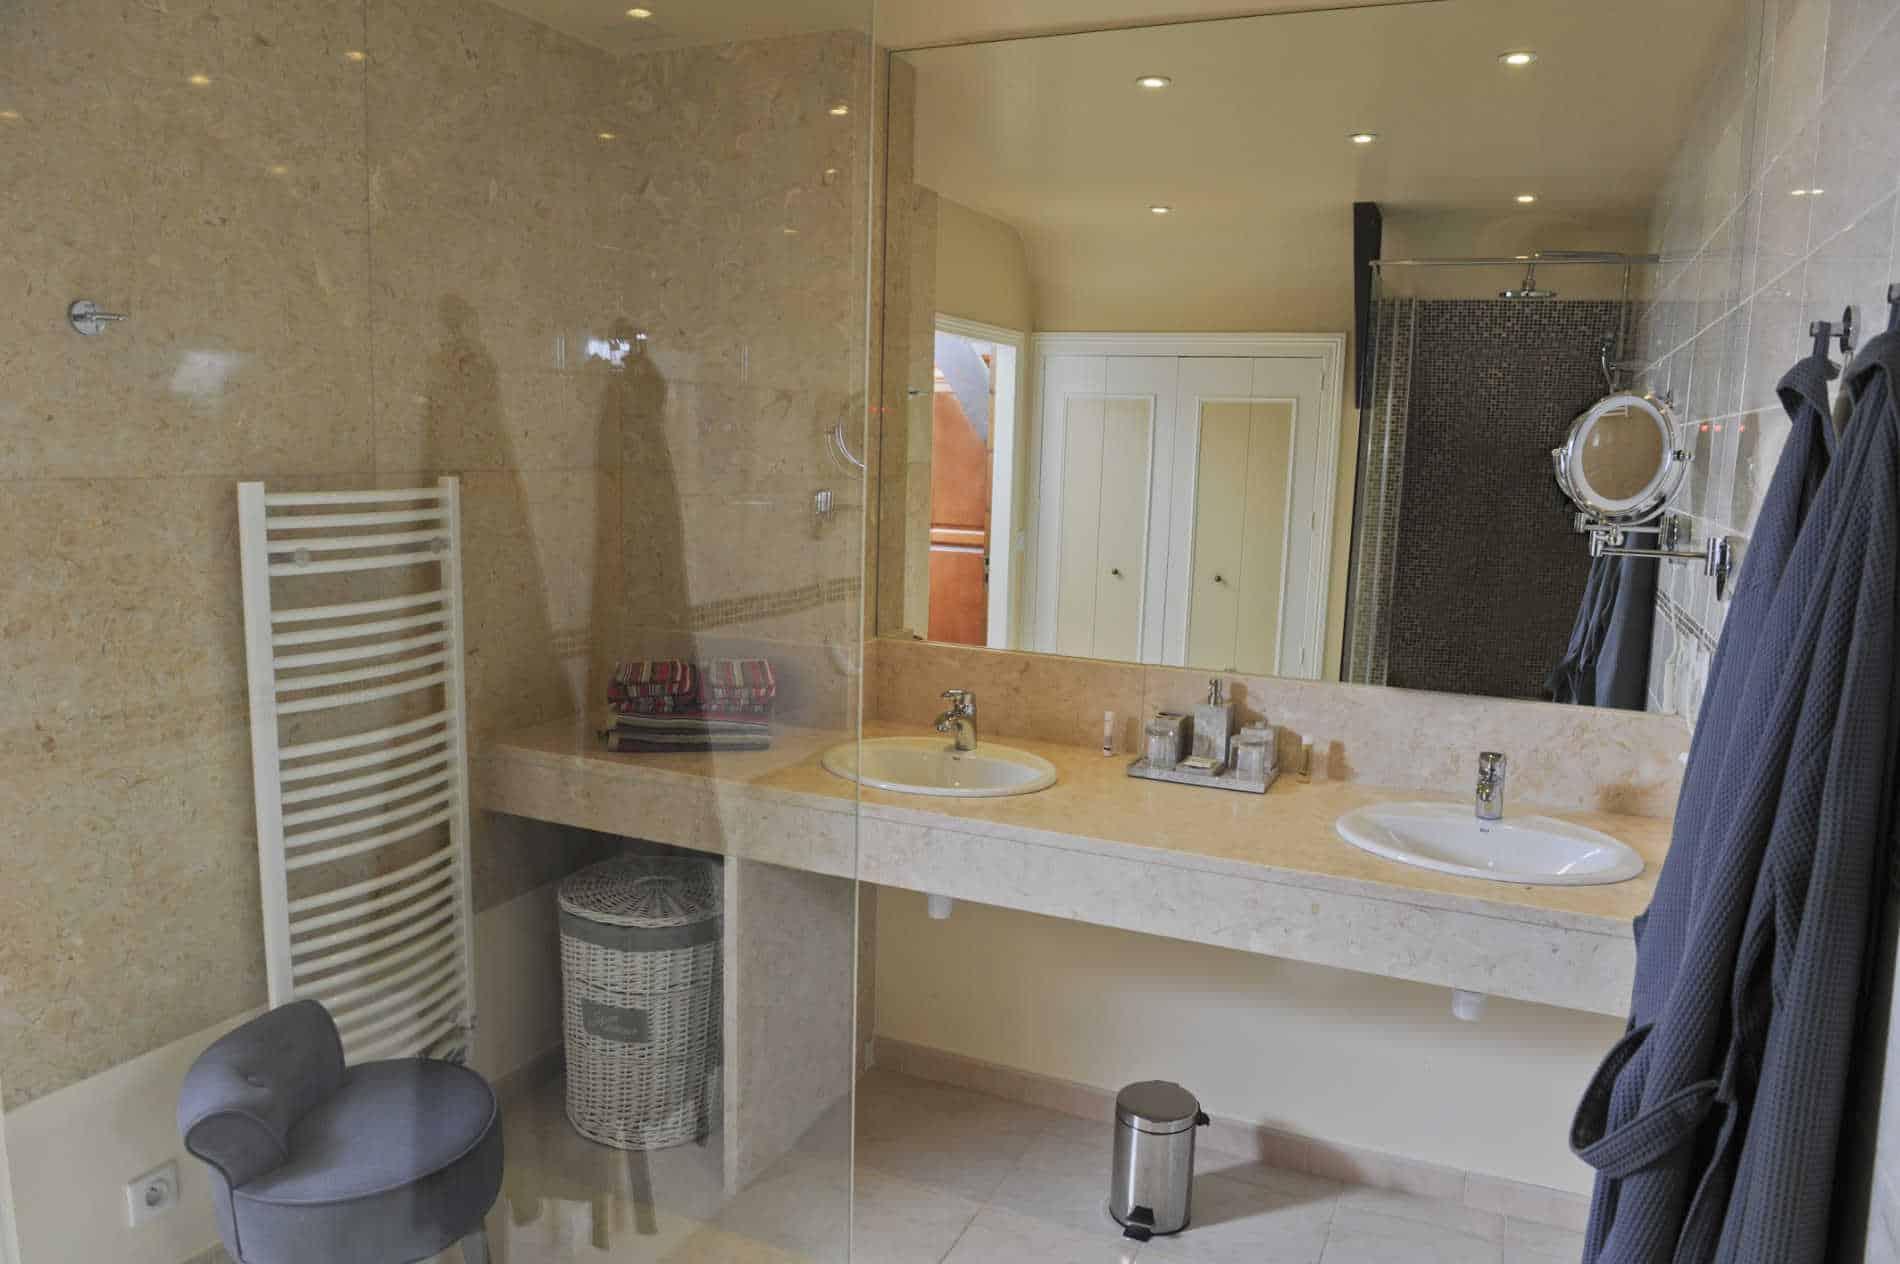 salle de bains chambres de charme bord de rivière Beynac